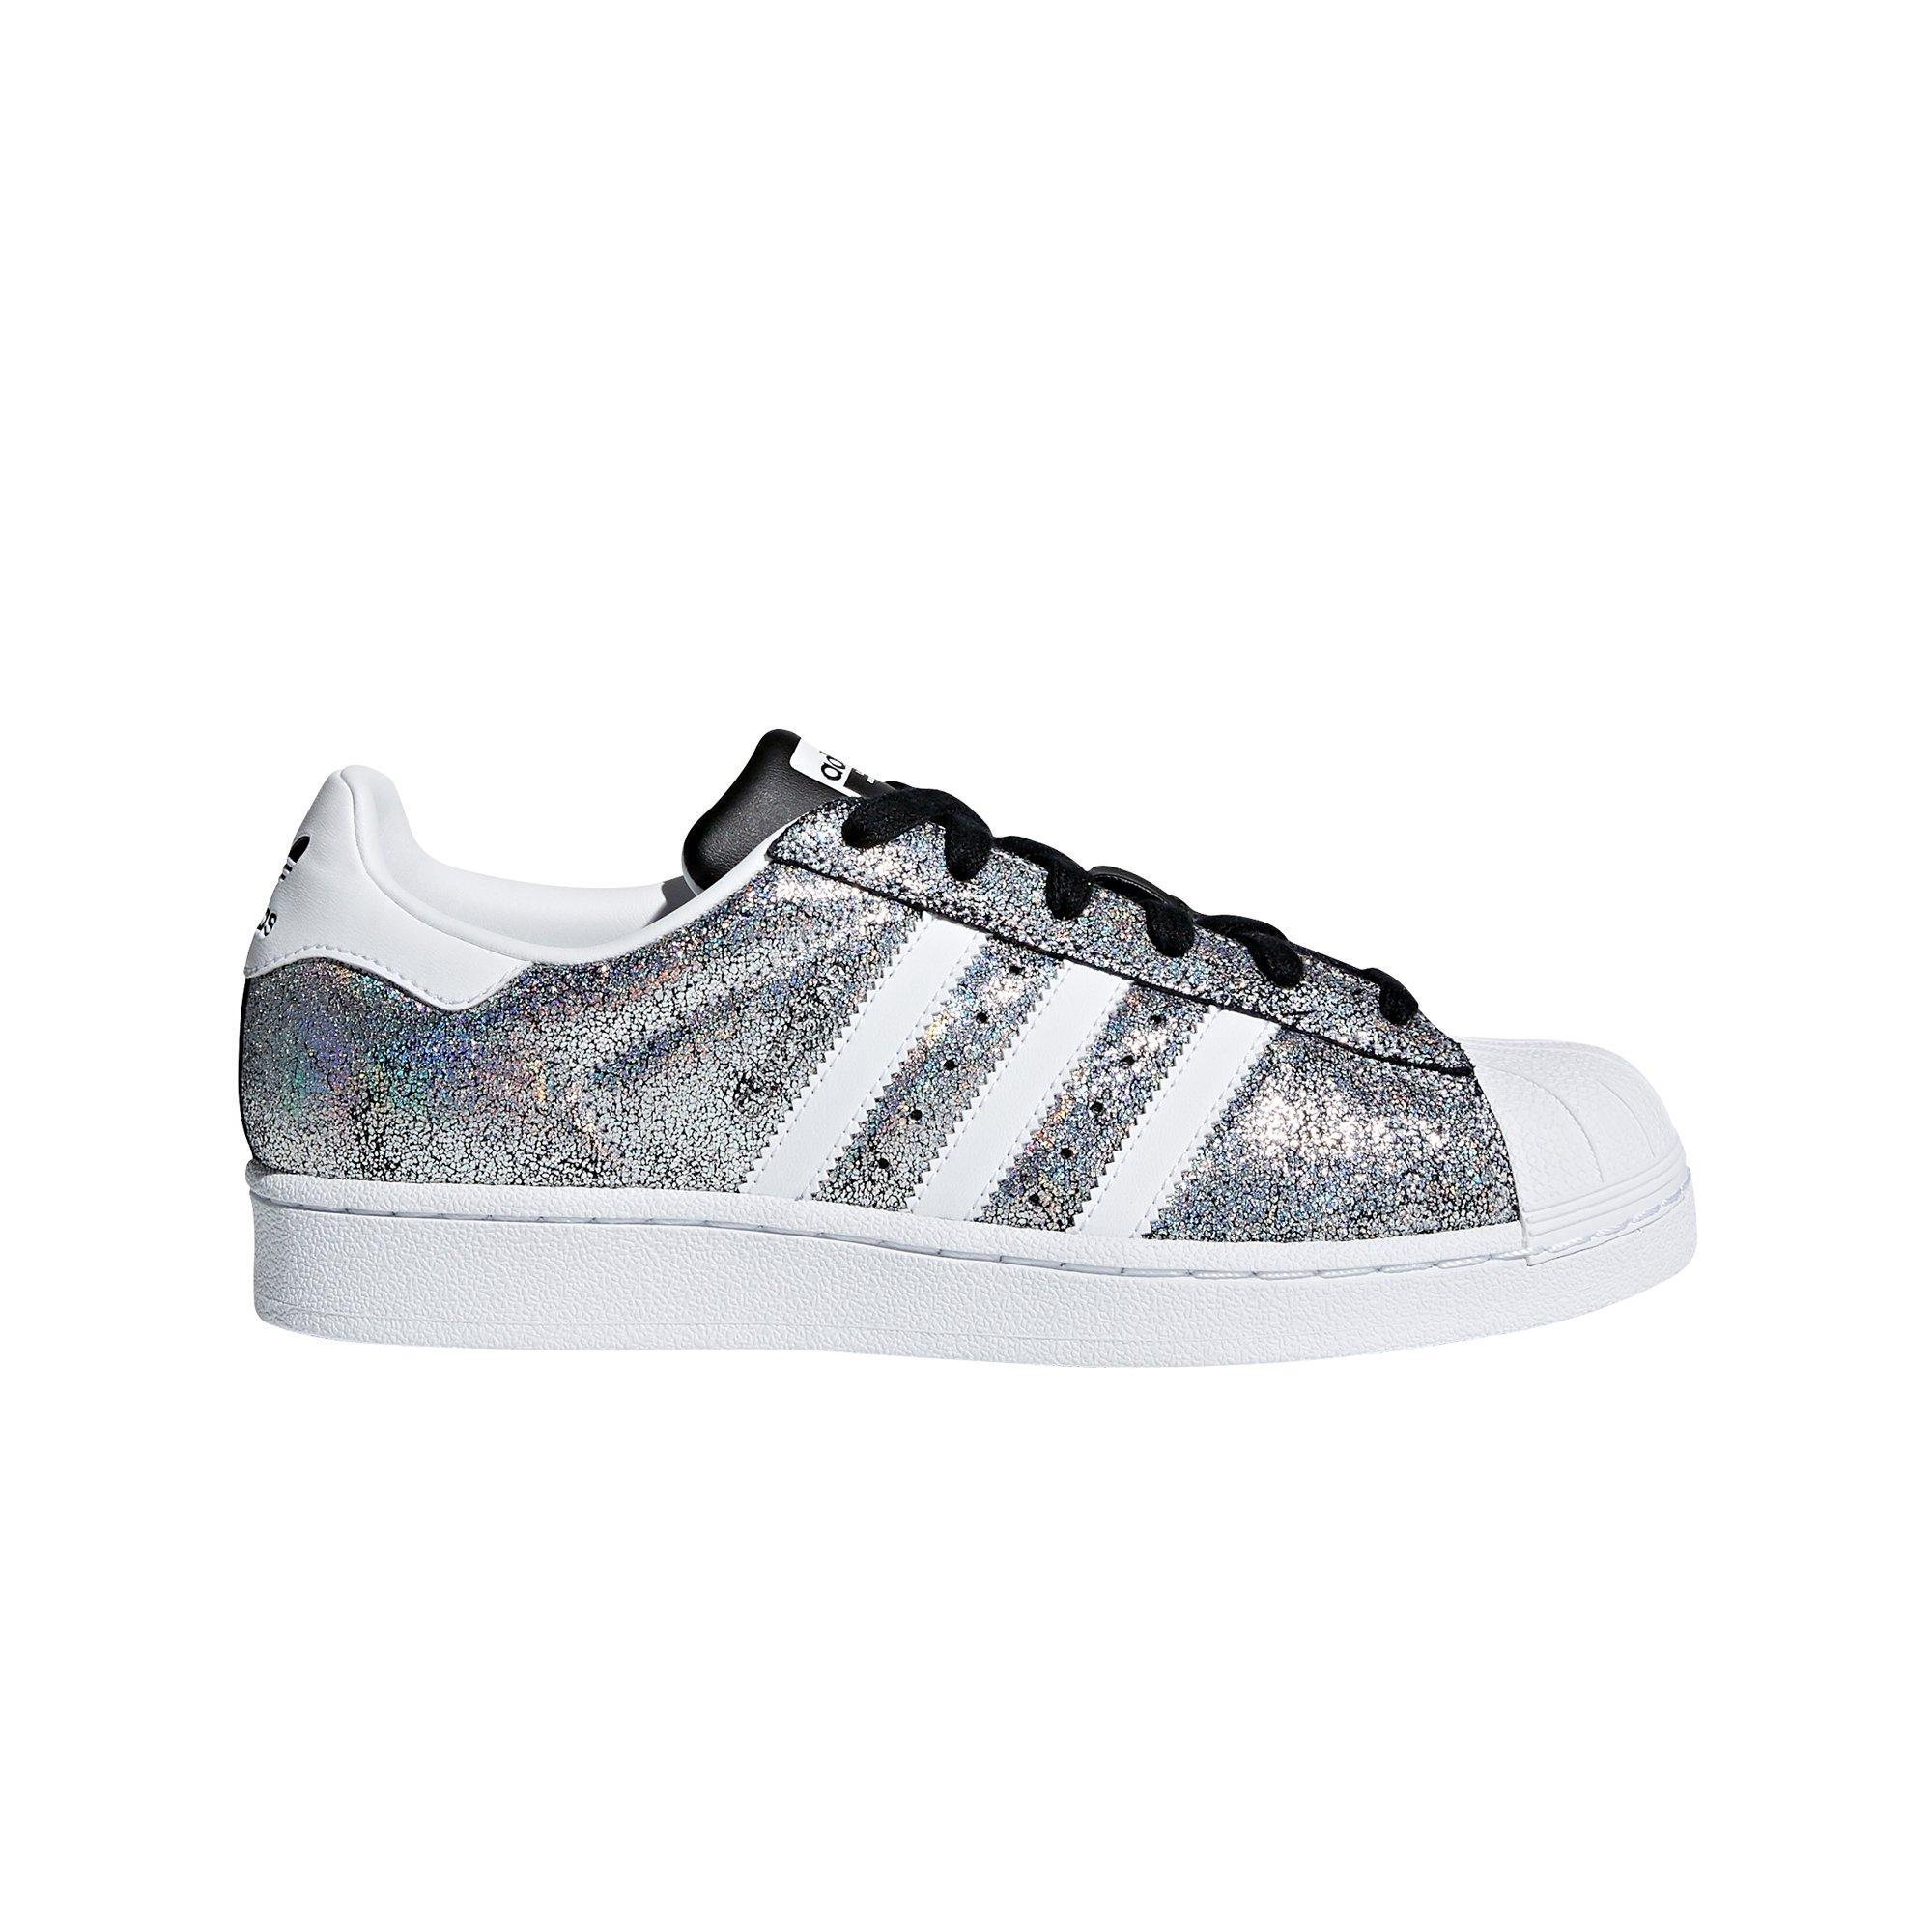 adidas Superstar \'Glitter\' Women's Shoe